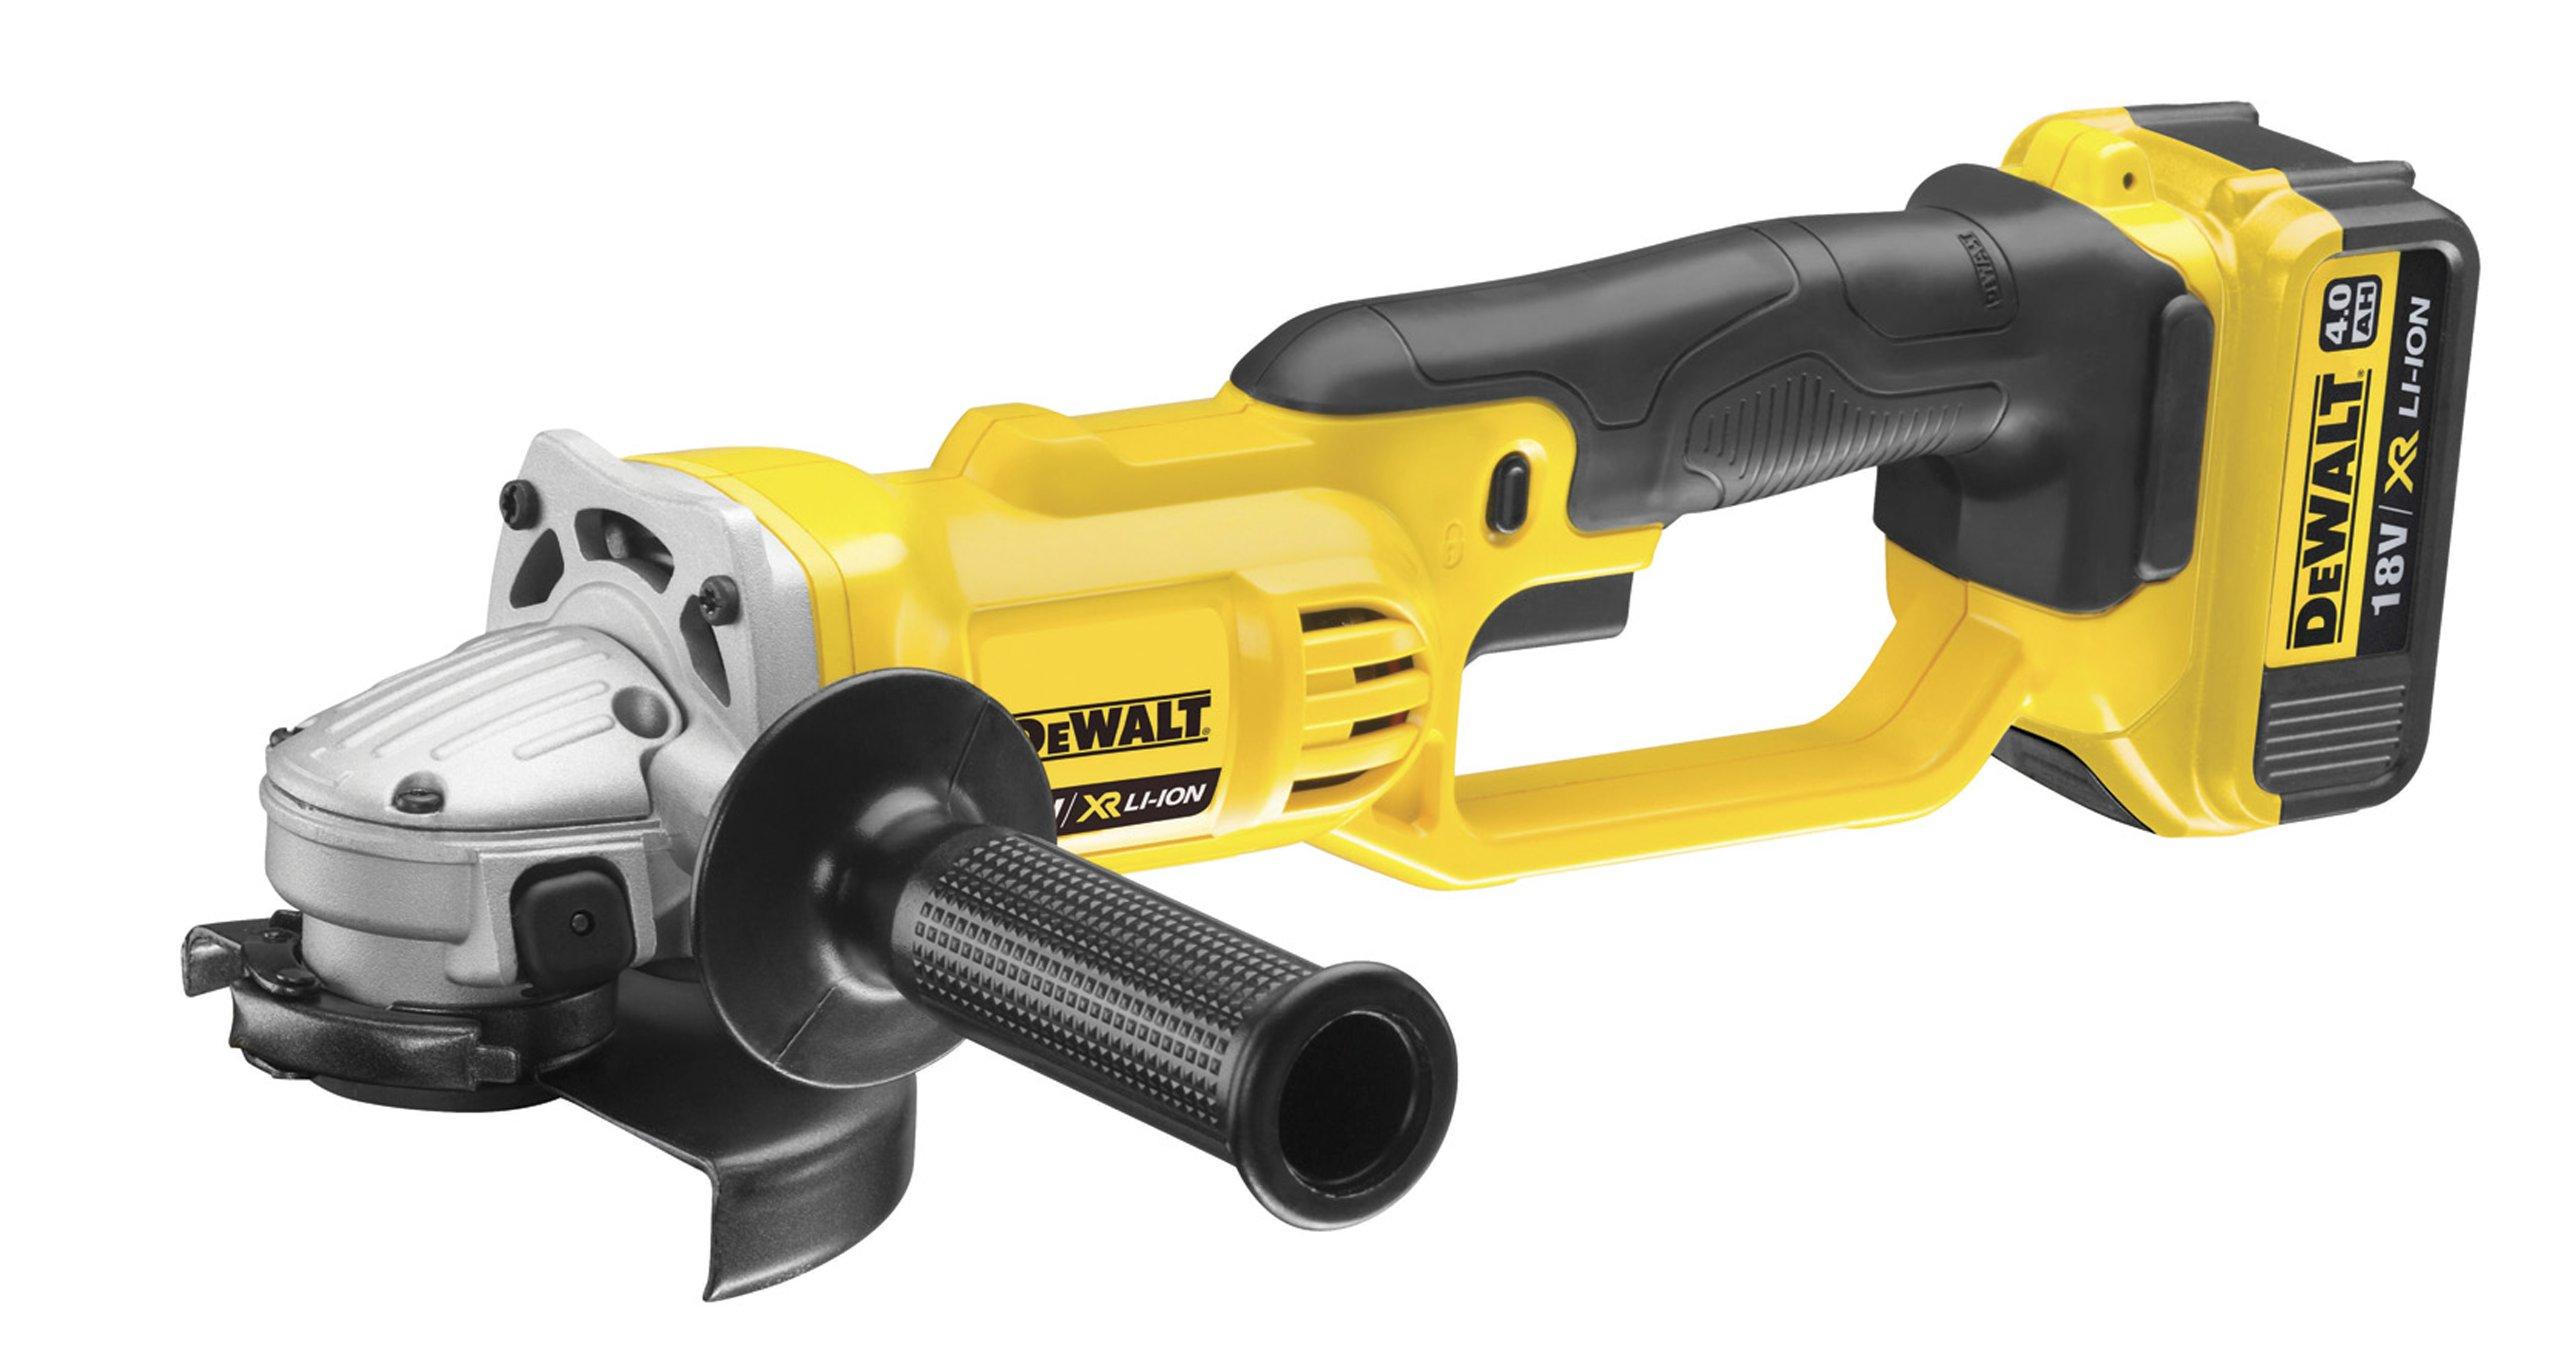 DeWalt-Akku-Winkelschleifer-18V-40-Ah-125-mm-Scheiben–fr-alle-Standard-Trenn-Schleif-und-Schrupparbeiten-inkl-2x-XR-Akkus-Schnell-Ladegert-Schutzhaube-Stirnlochschlssel-und-Transportkoffer-DCG412M2